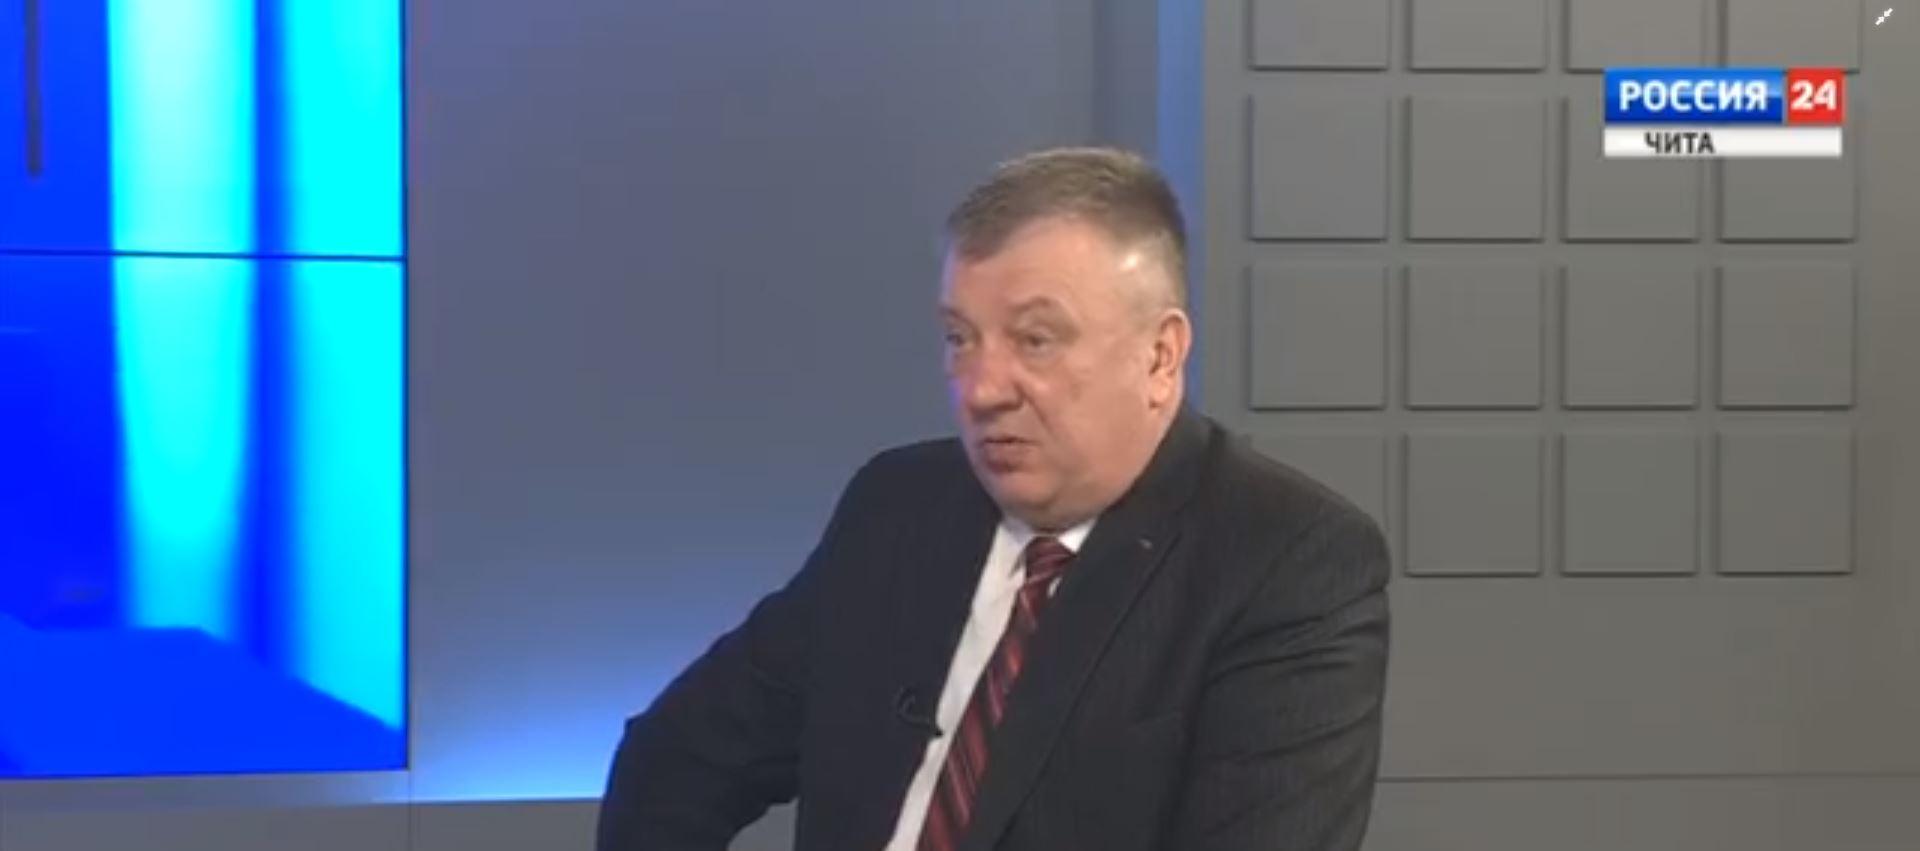 Гурулев отметил проблему нехваток медицинских масок в Забайкалье